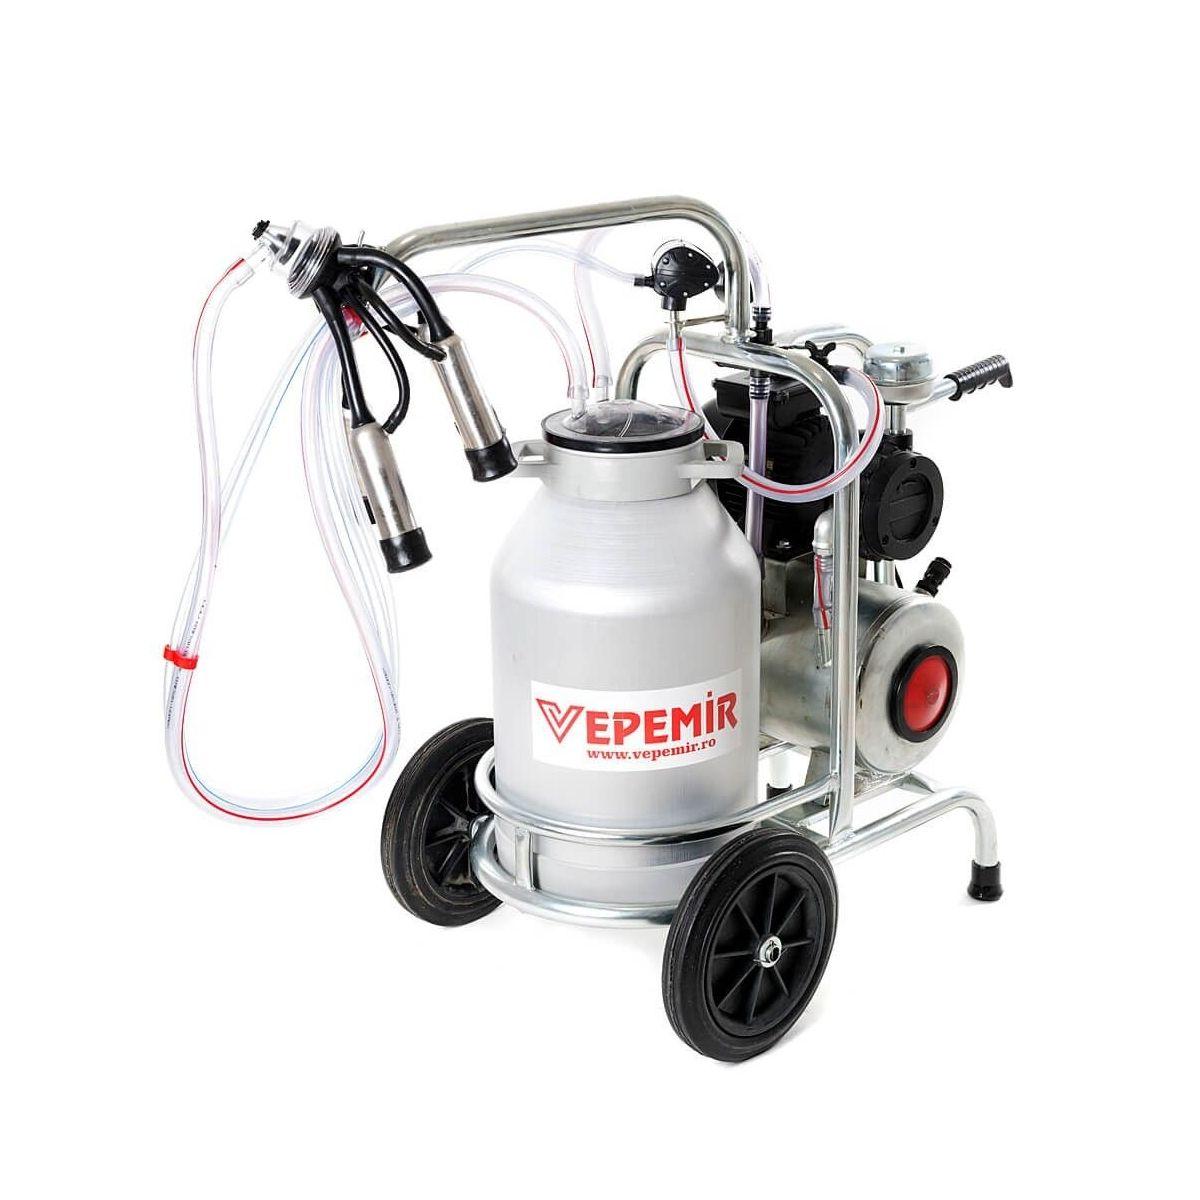 Aparat de muls vaci VEPEMIR 1 post si 1 bidon Aluminiu 20 litri